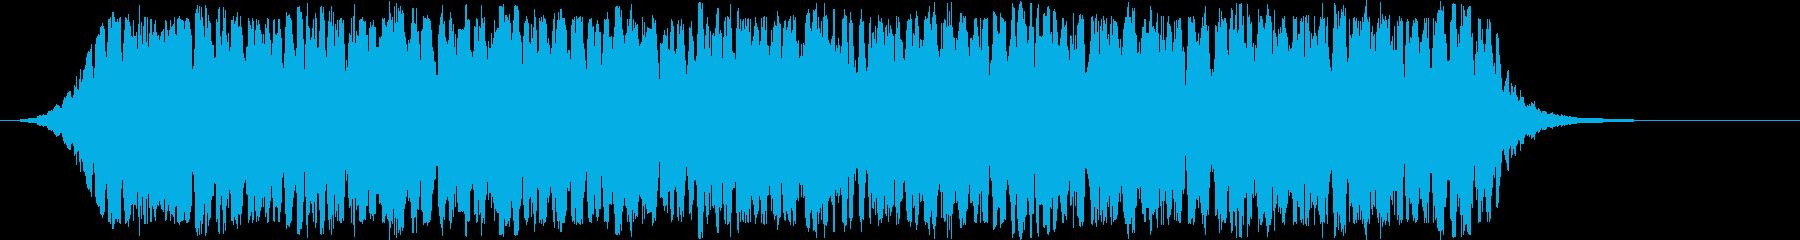 シンセベースのスピニングライトボル...の再生済みの波形